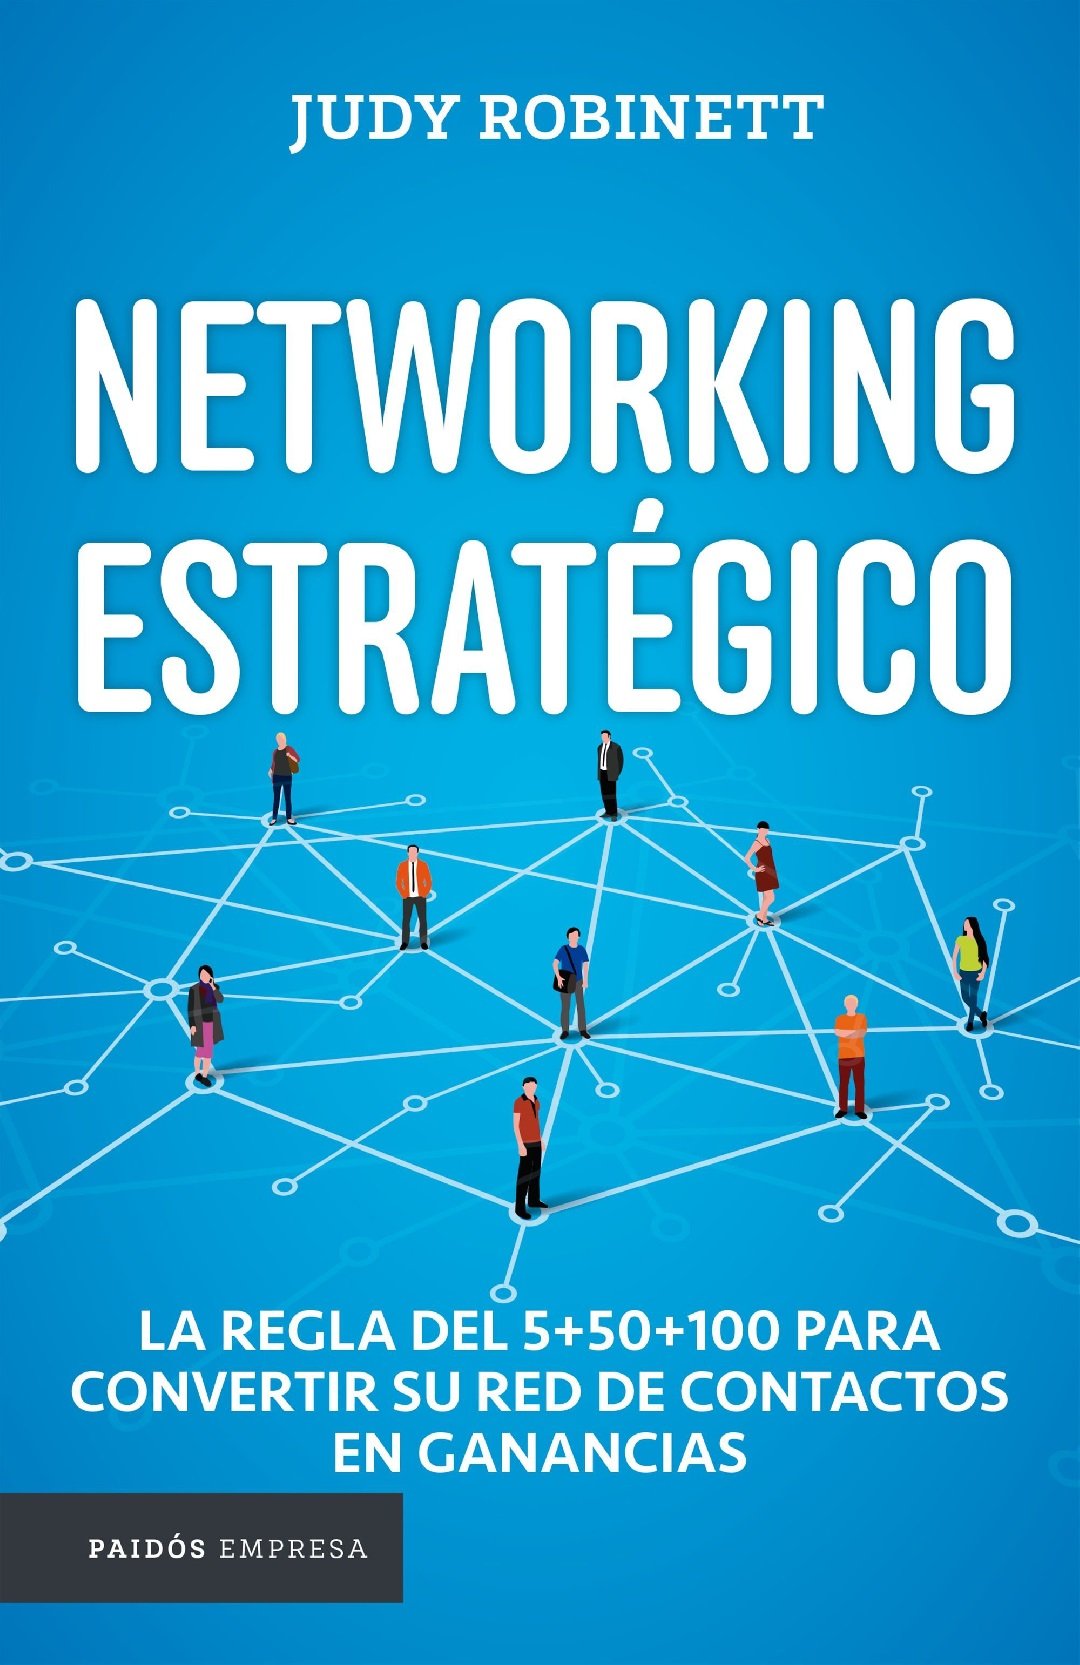 'Networking estratégico' para la evolución del desarrollo profesional